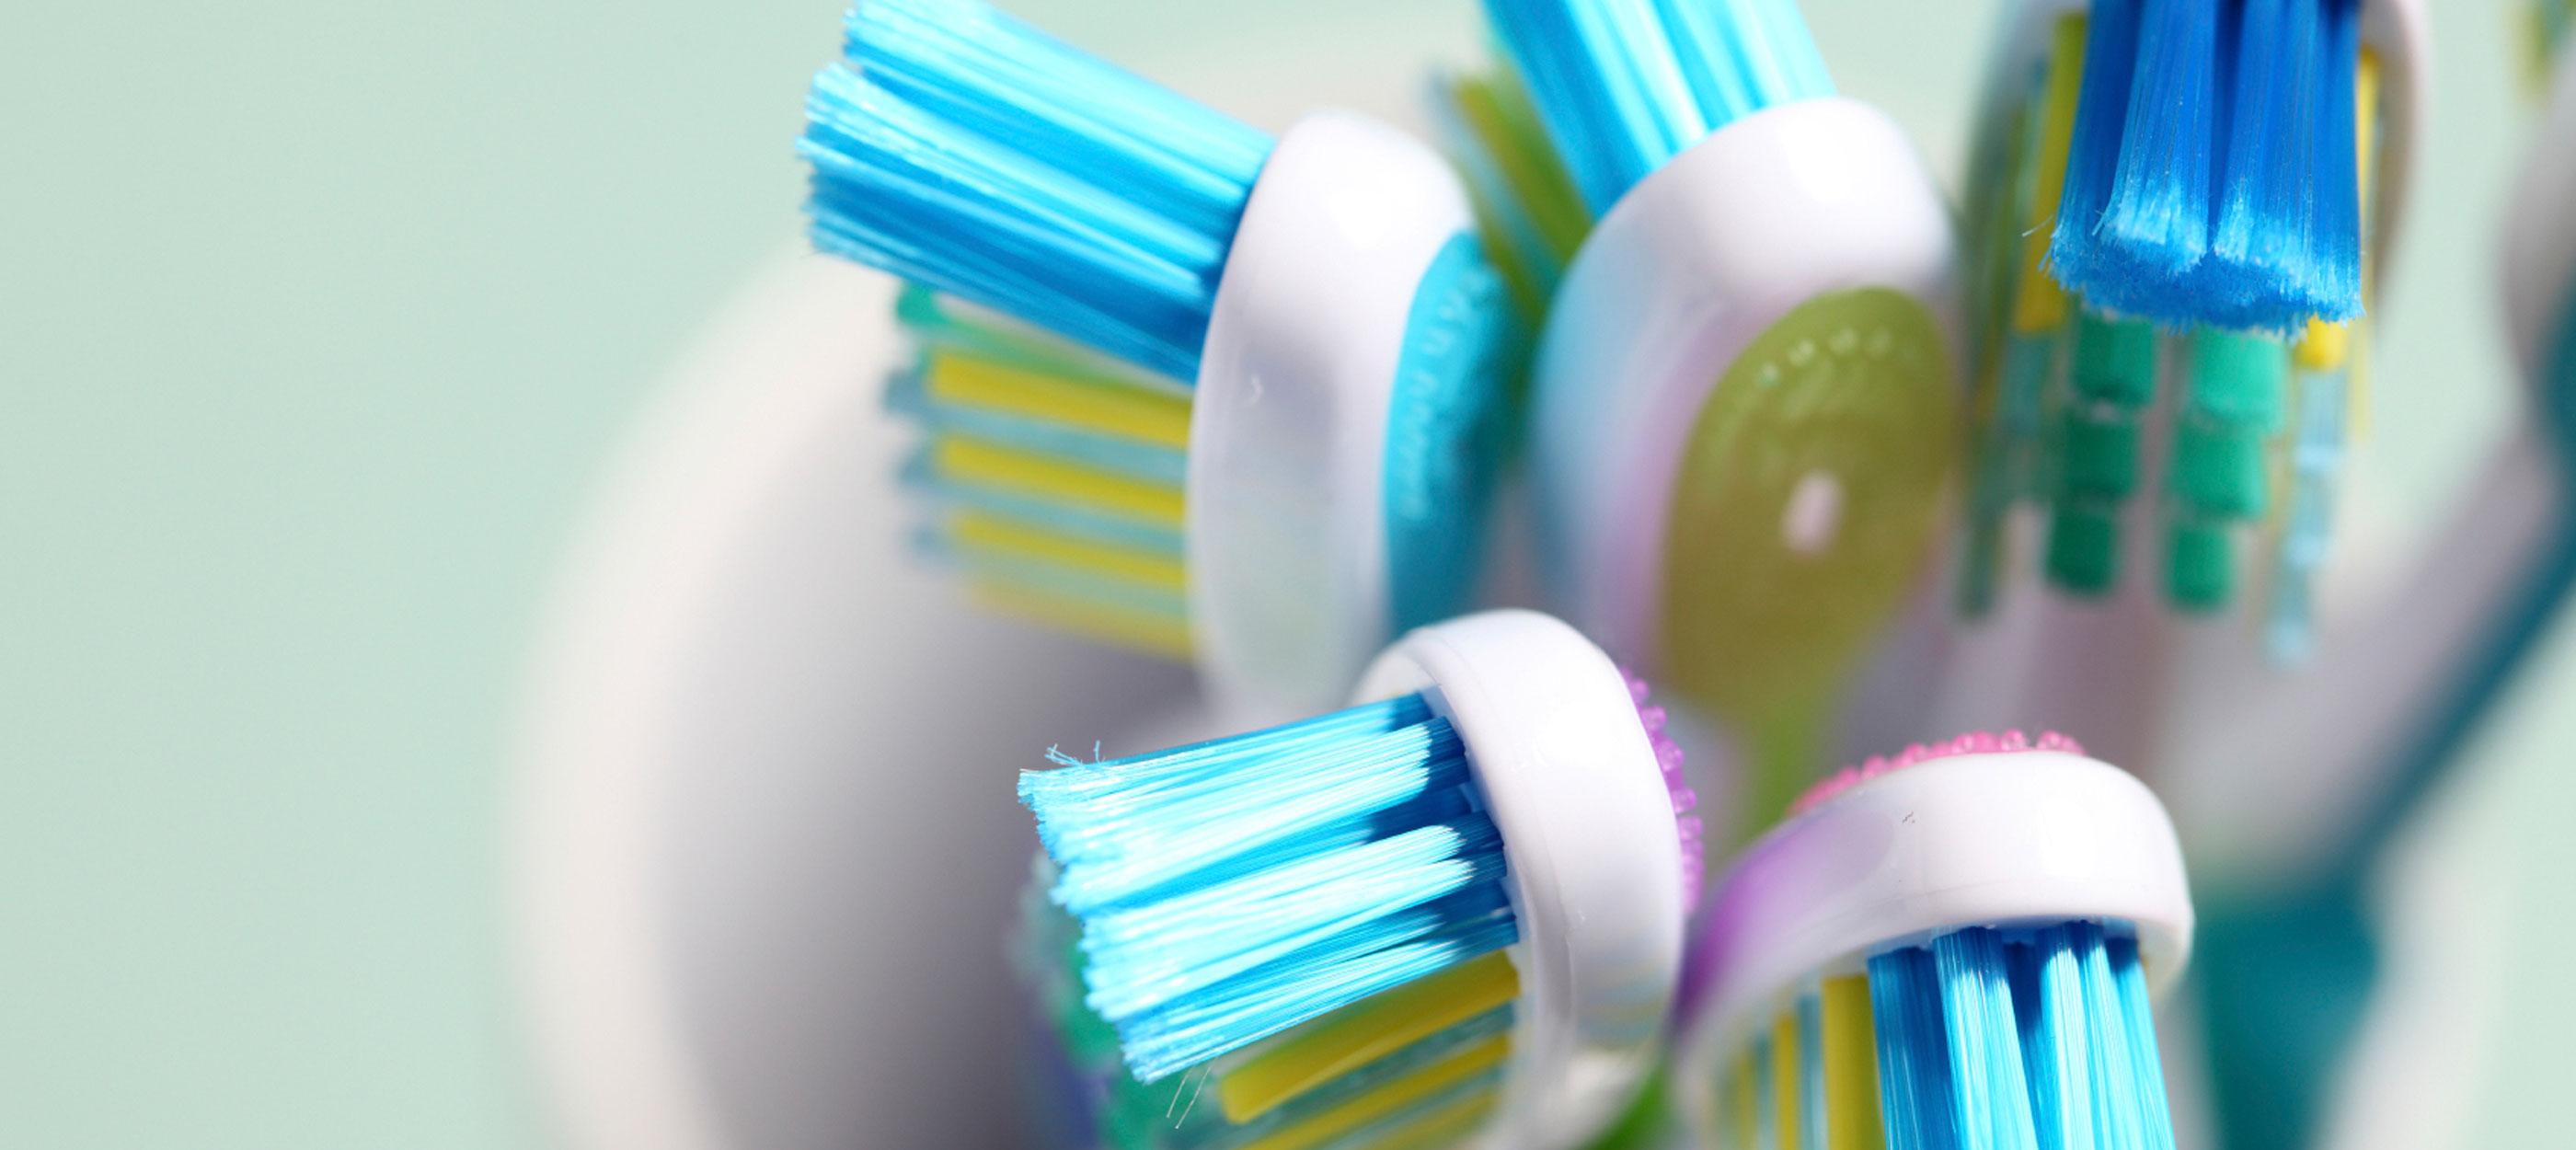 Dr Andrew Shannon S Take On Leasing Dental Equipment